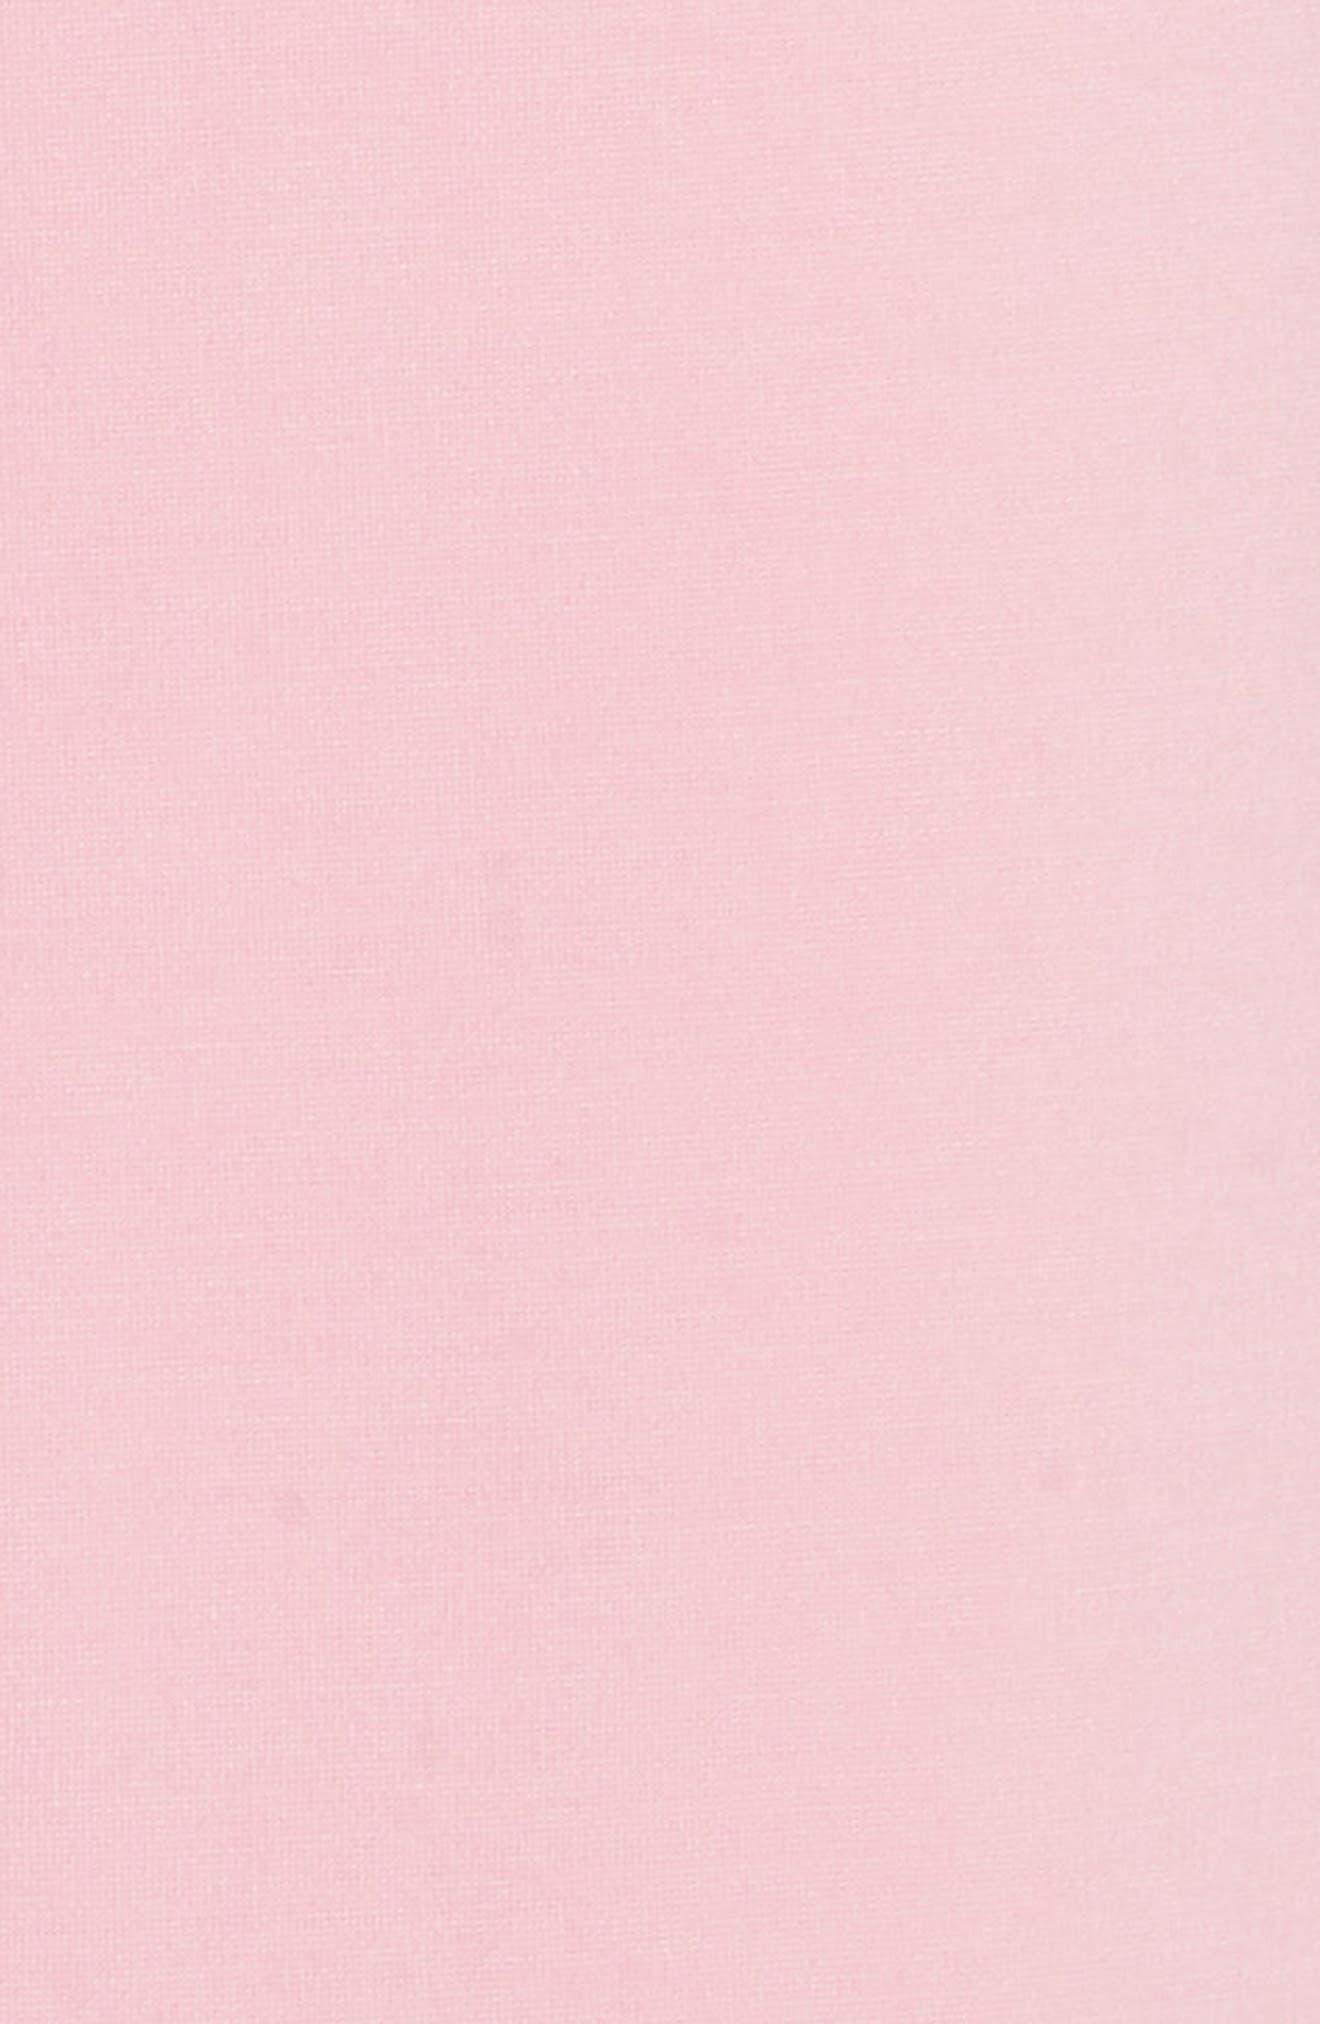 Papron Tie Front Dress,                             Alternate thumbnail 5, color,                             Pink